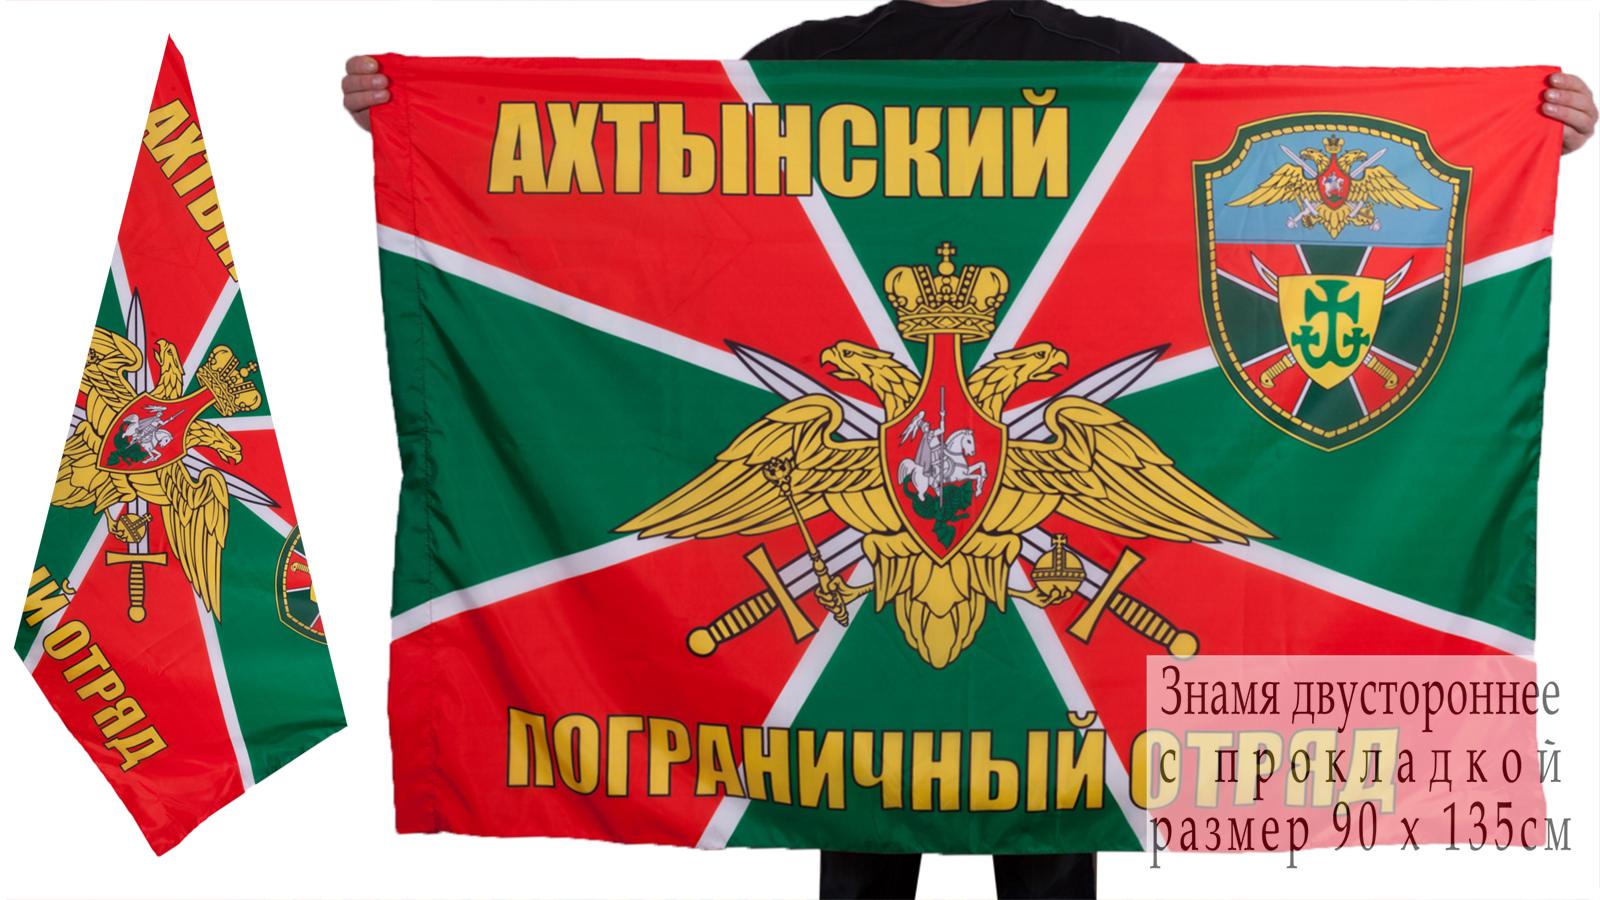 Купить двухсторонний флаг «Ахтынский пограничный отряд»